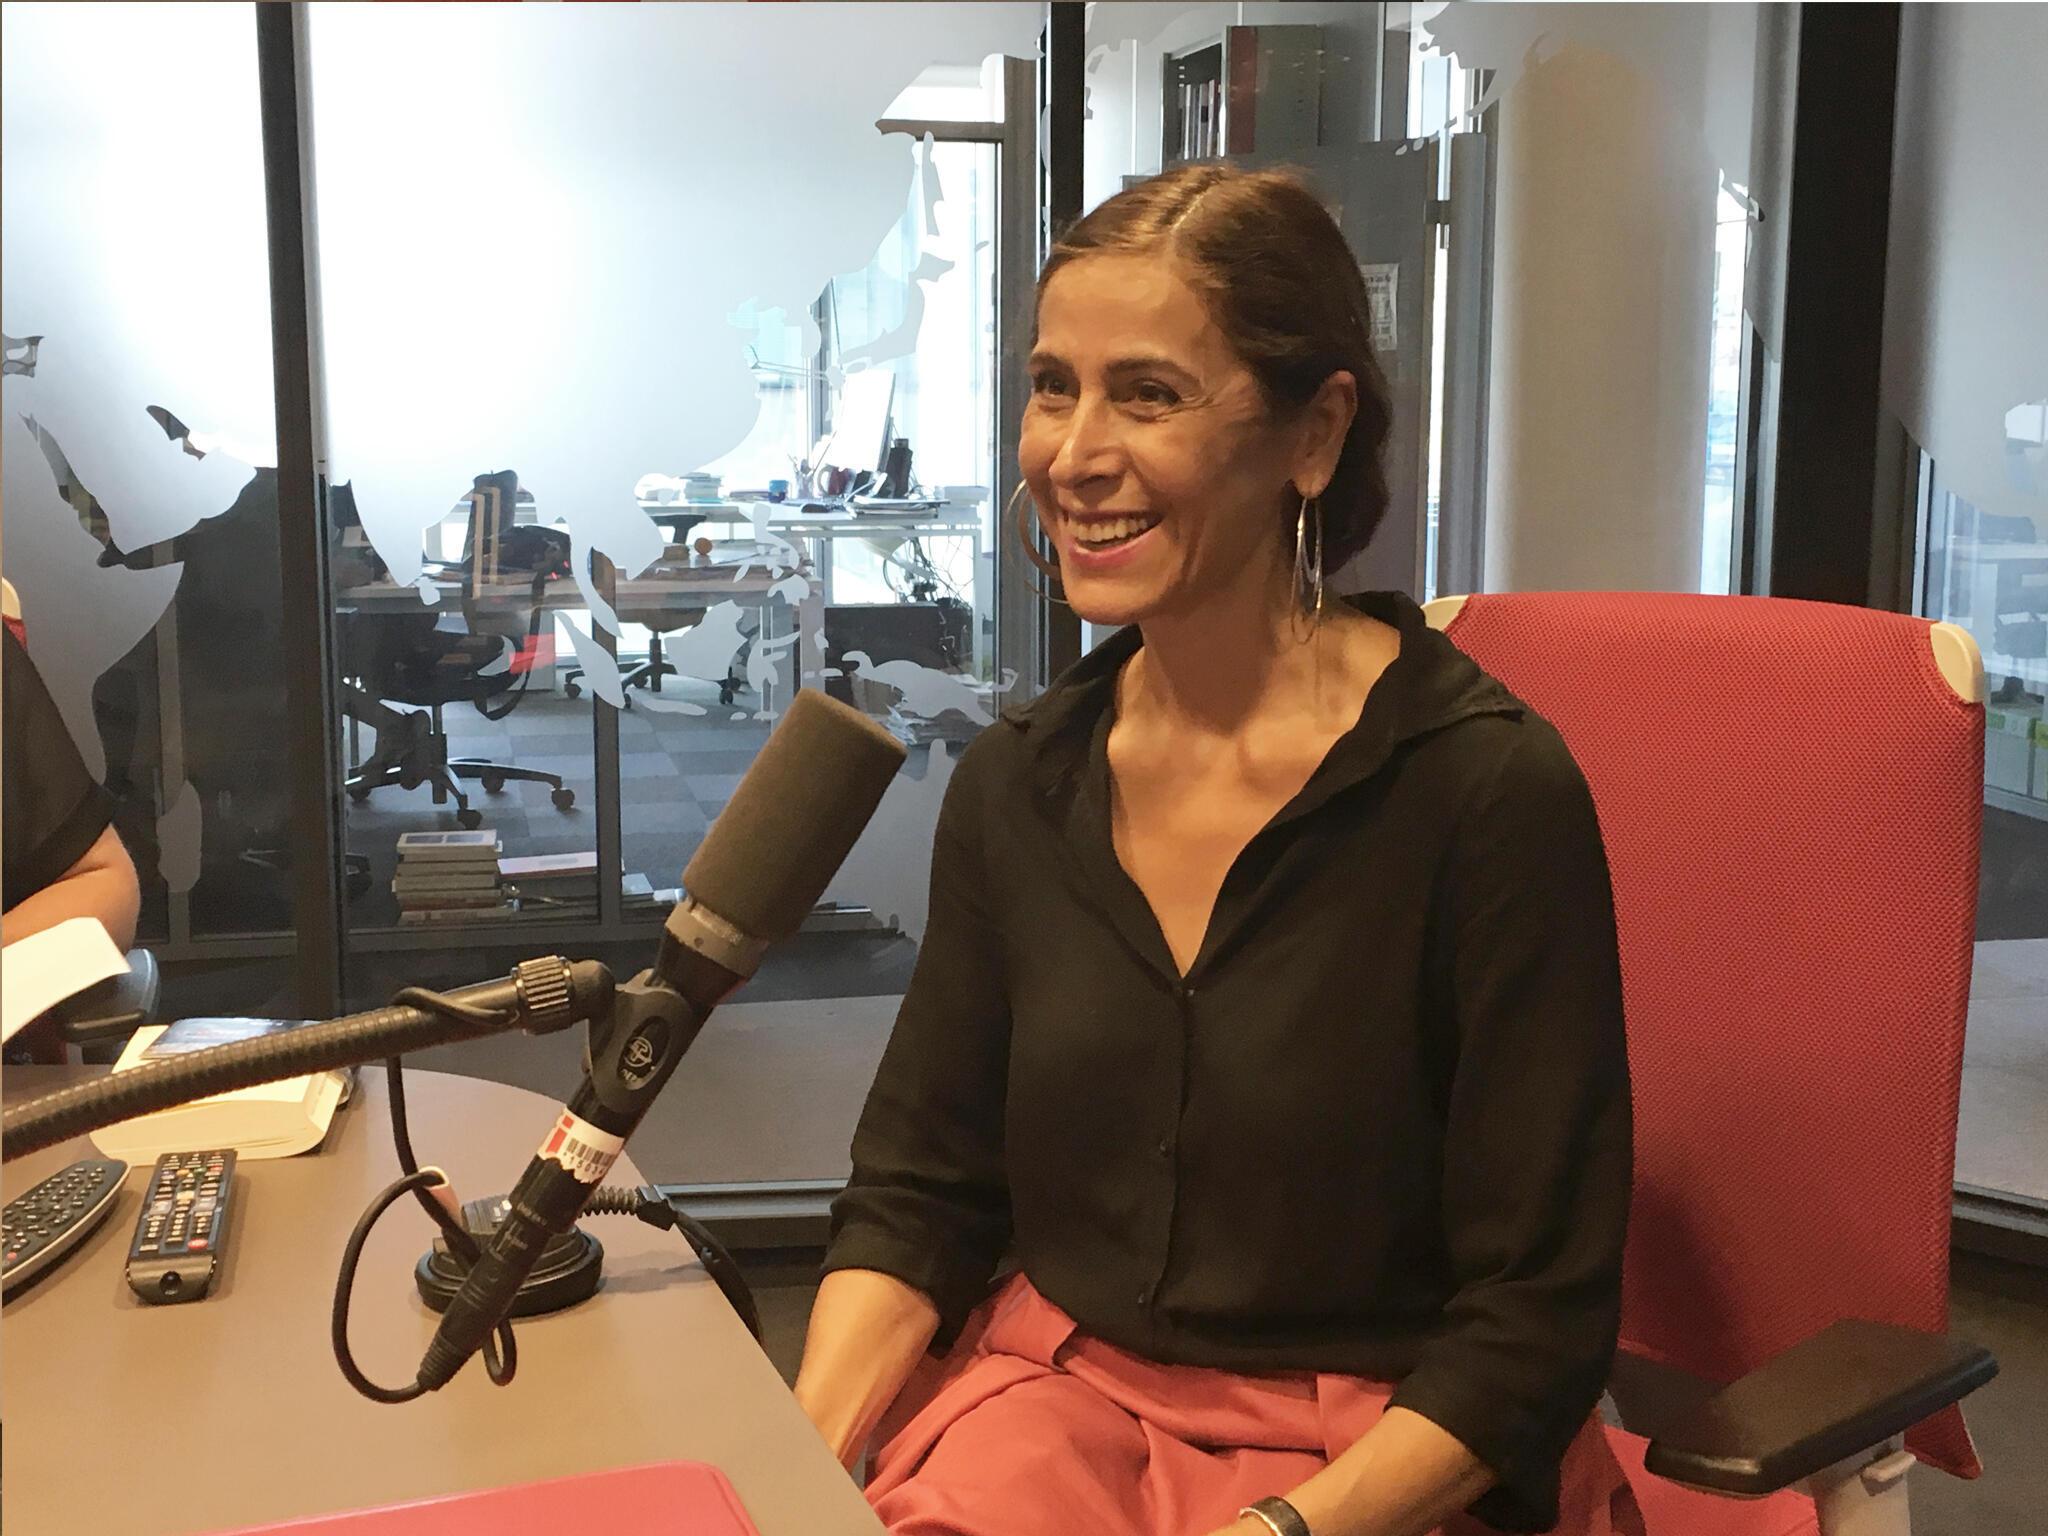 نهال تجدد، نویسنده ایرانی در استودیو رادیو بینالمللی فرانسه